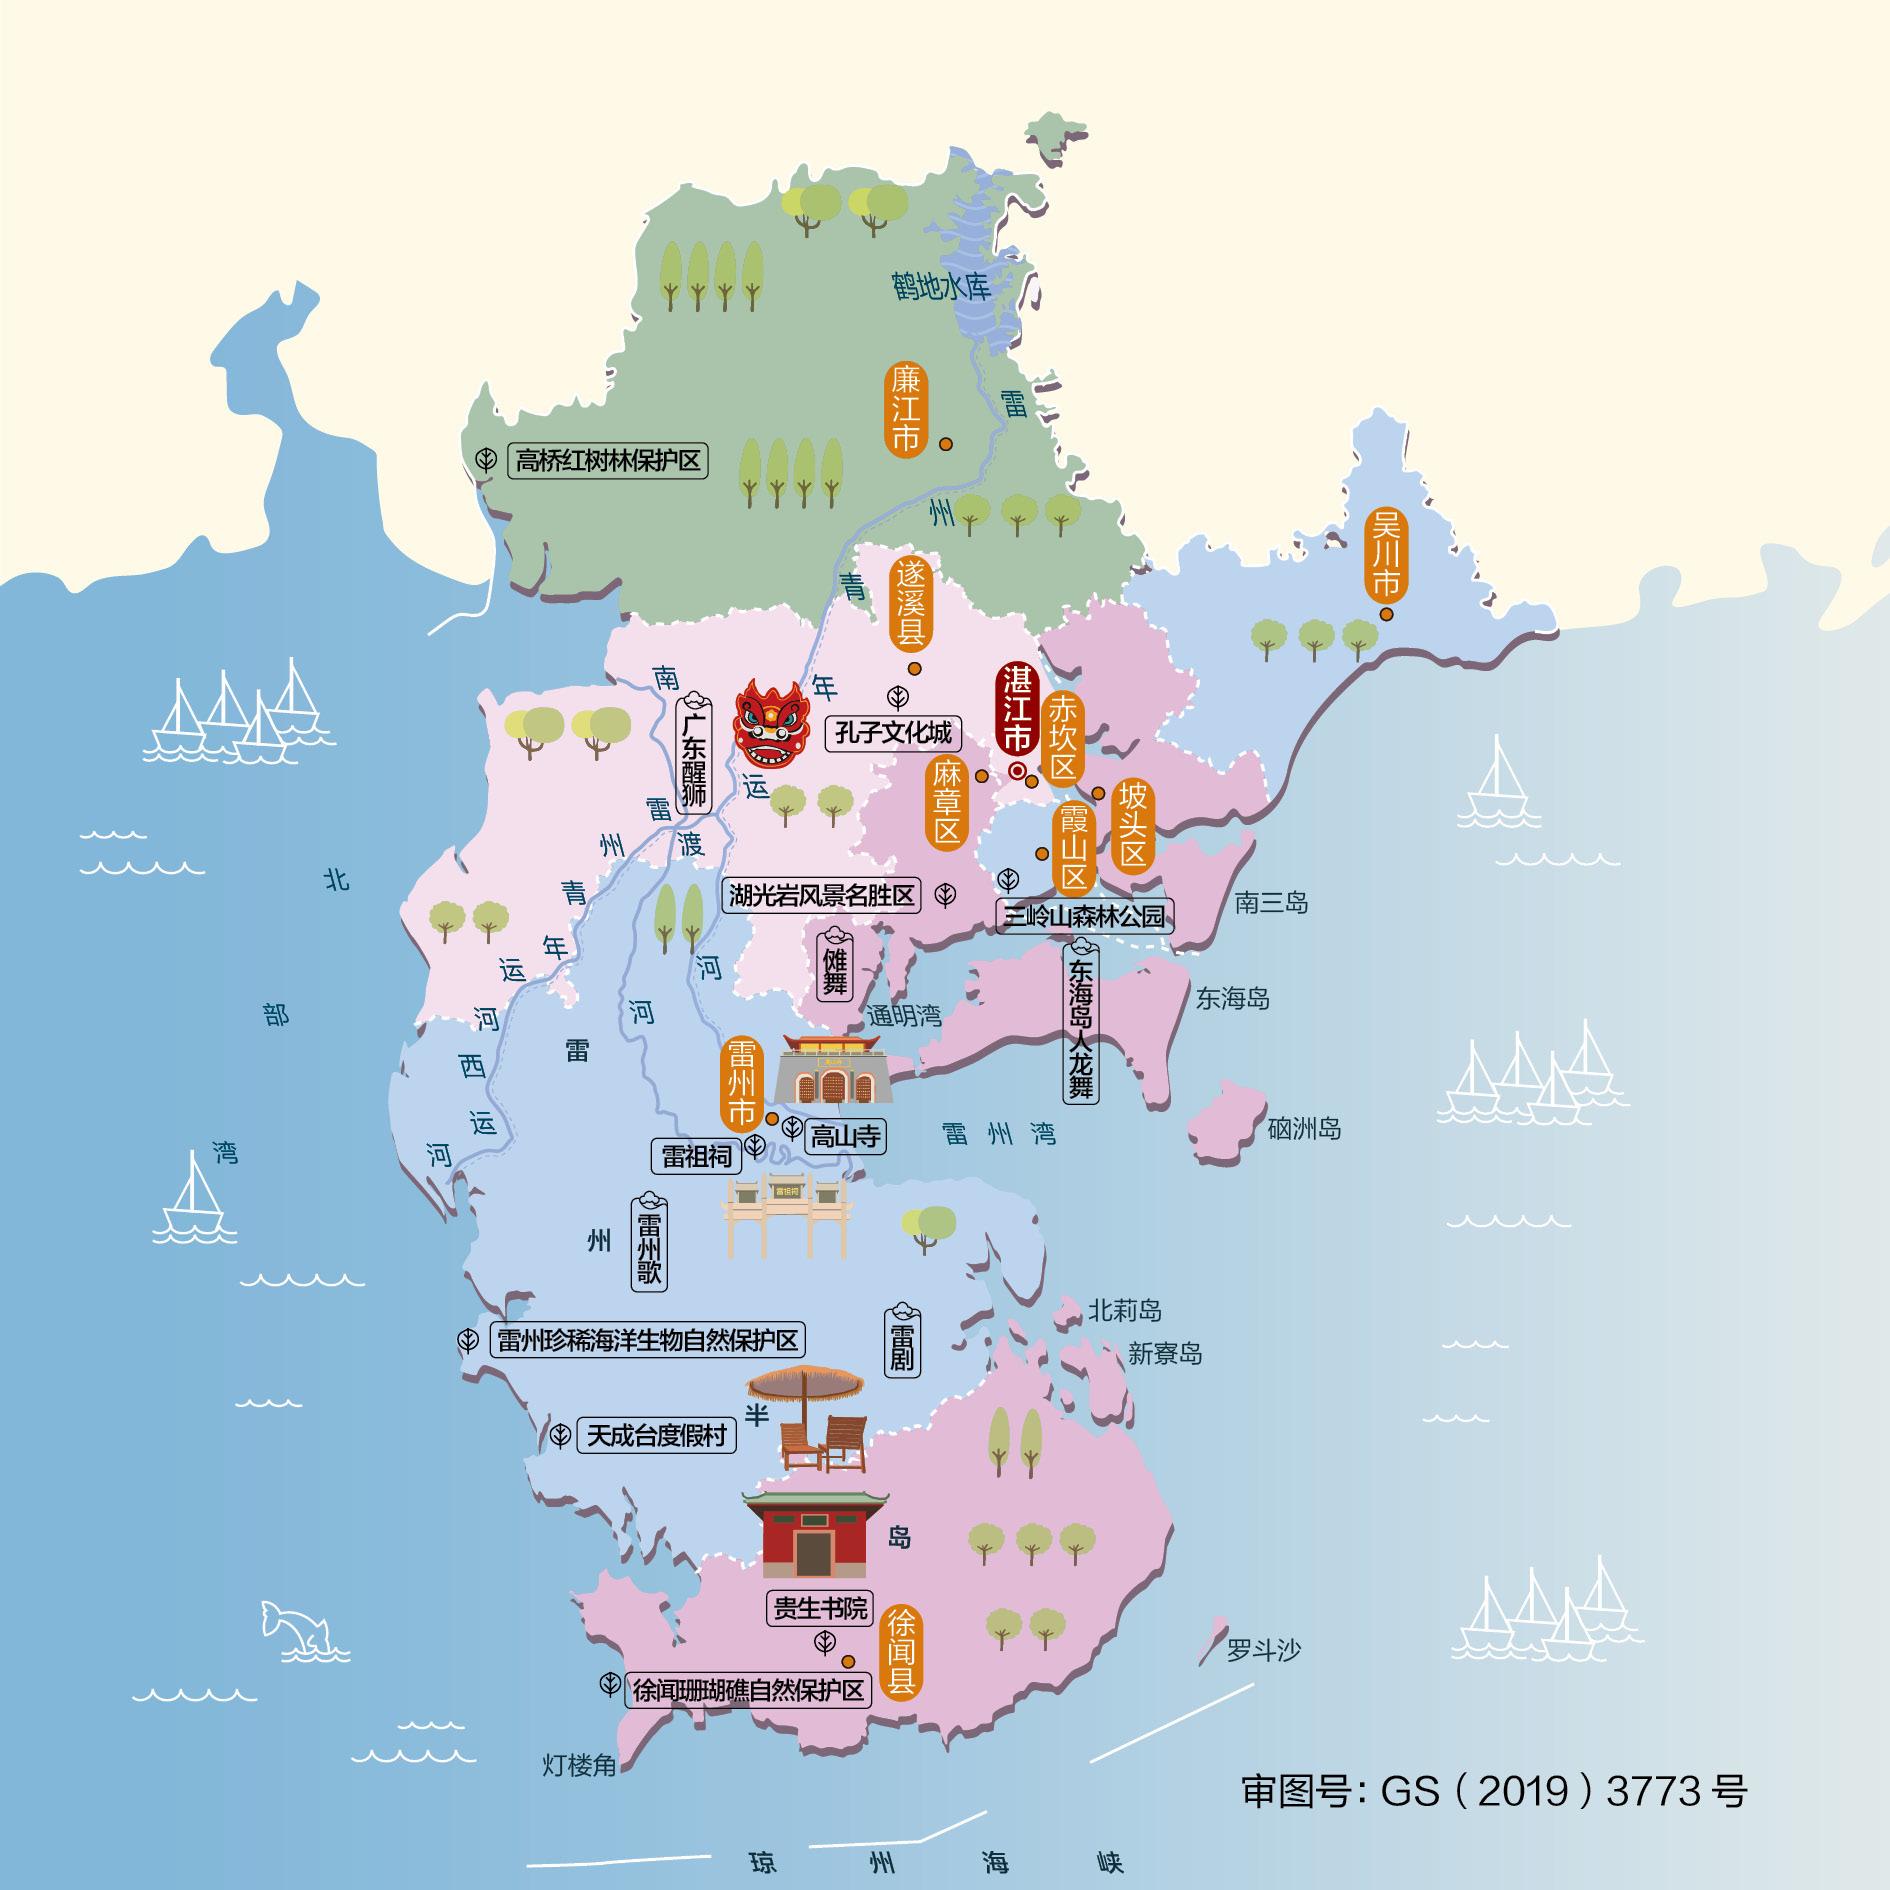 广东珠海市景点_广东省湛江市人文地图_湛江地图库_地图窝